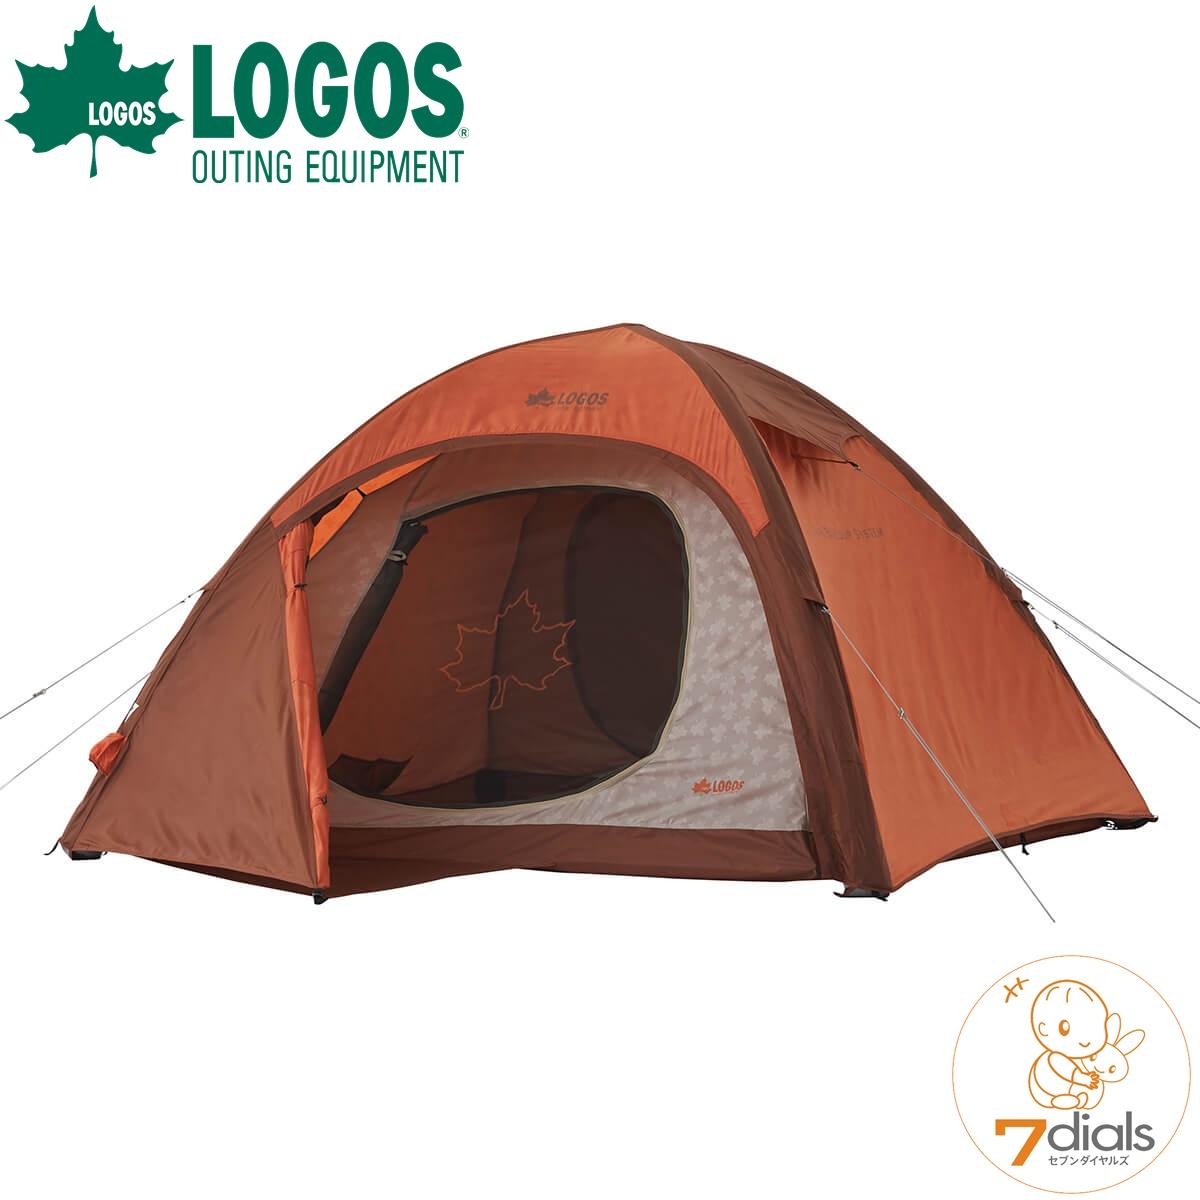 LOGOS/ロゴス エアマジック ドーム M-AH ドームテント 付属のポンプで空気を入れるだけで簡単に設営出来る本格テント【あす楽_土曜営業】【送料無料】ポイント最大24倍